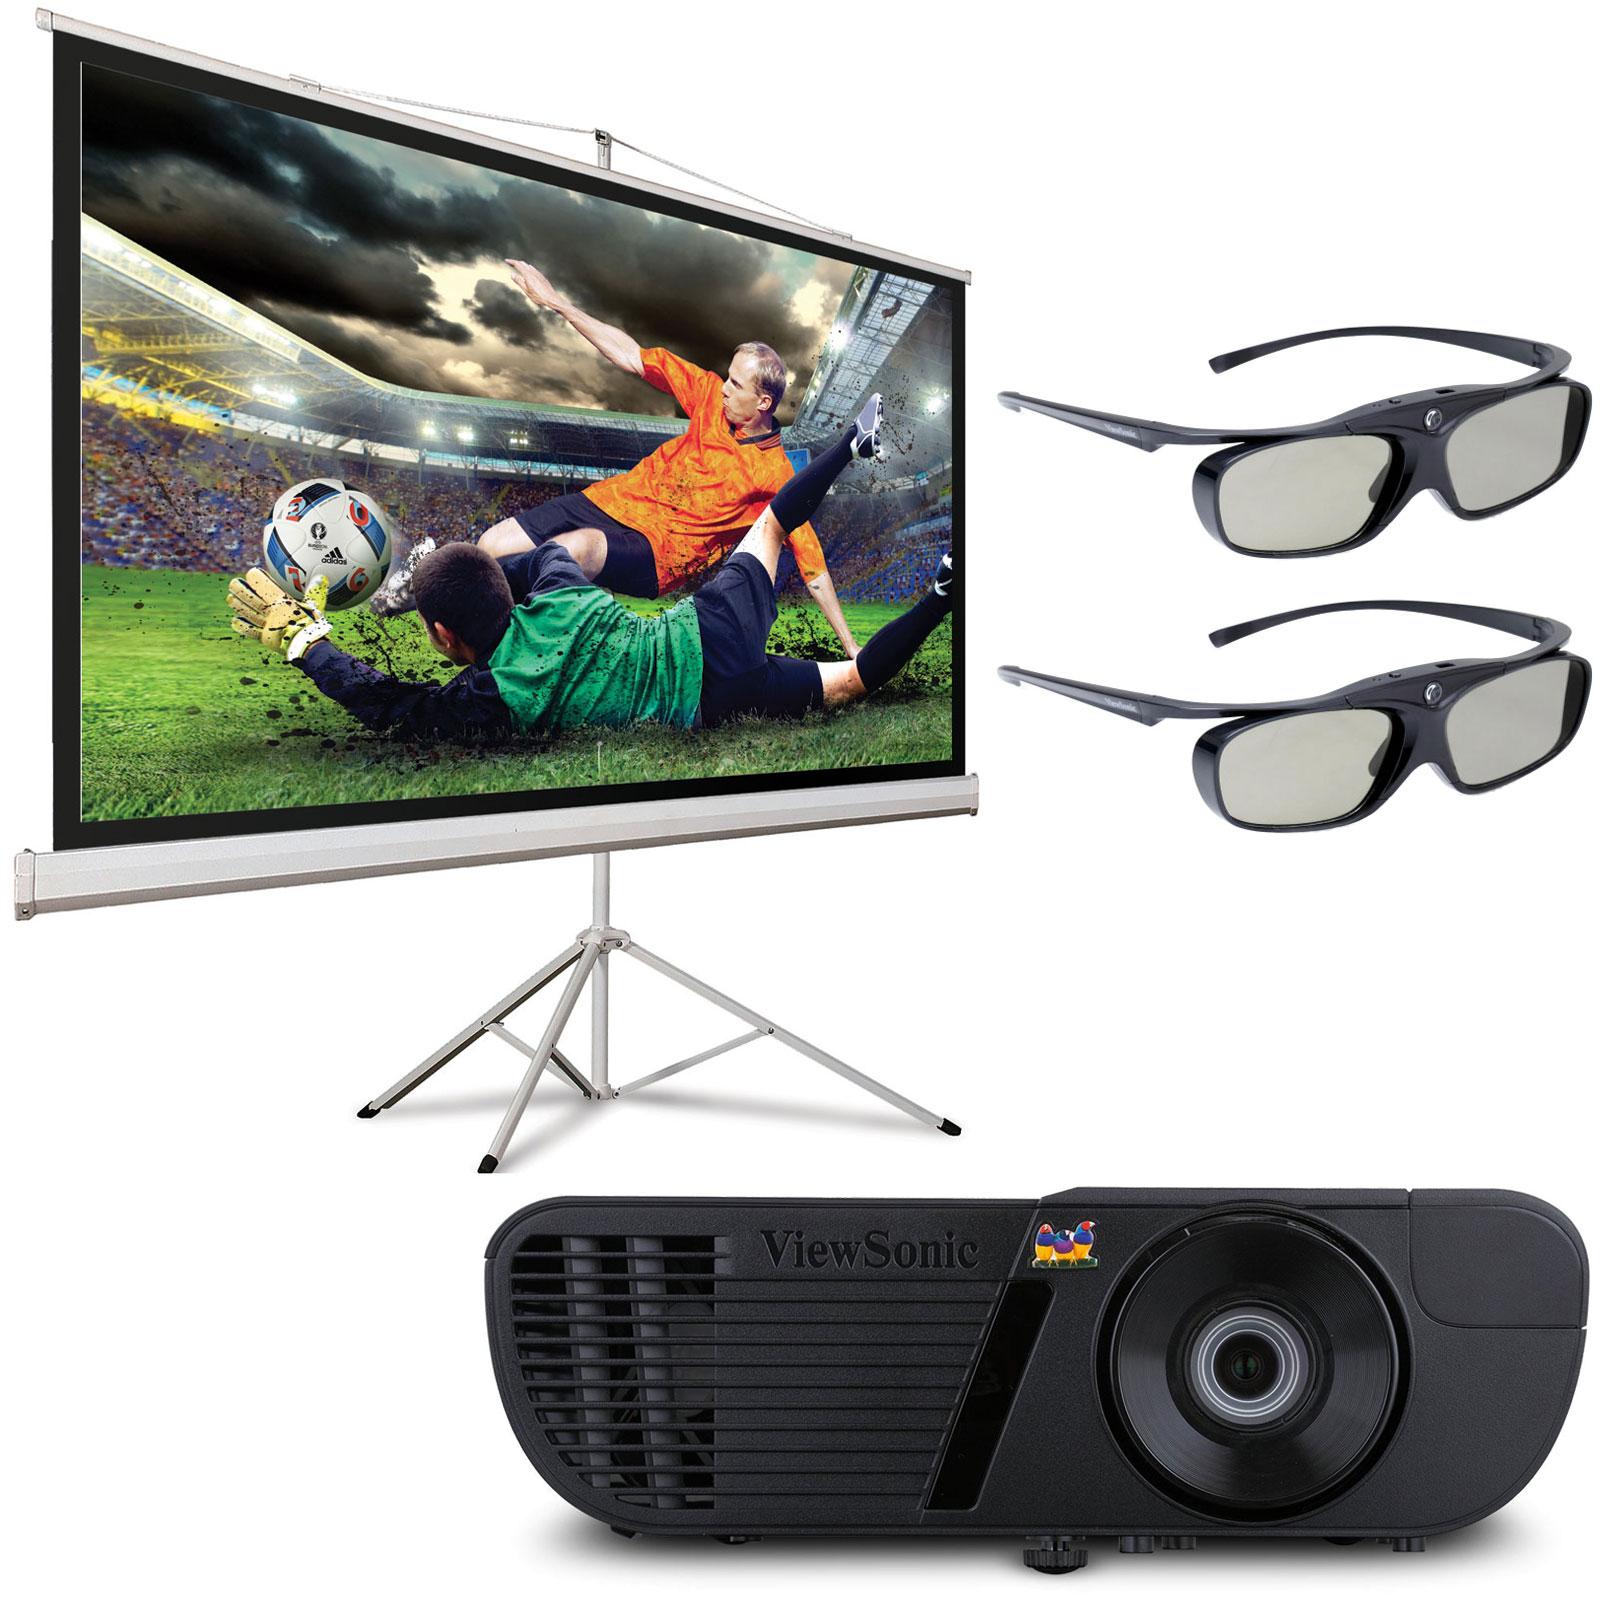 viewsonic pro7827 hd pj sct 1000w 2 paires de lunettes 3d vid oprojecteur viewsonic sur. Black Bedroom Furniture Sets. Home Design Ideas